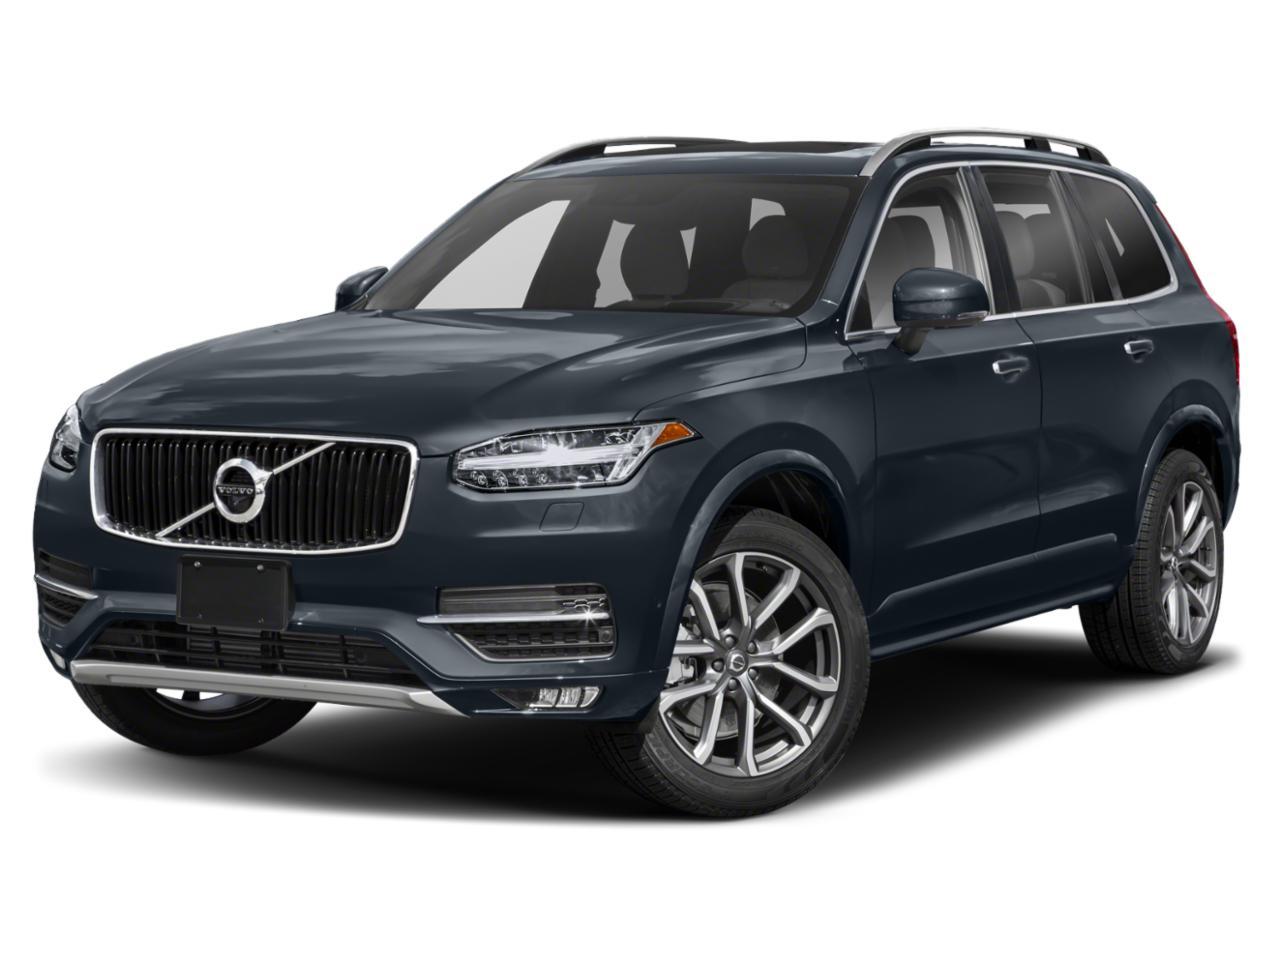 2019 Volvo XC90 Vehicle Photo in WATERTOWN, CT 06795-3318